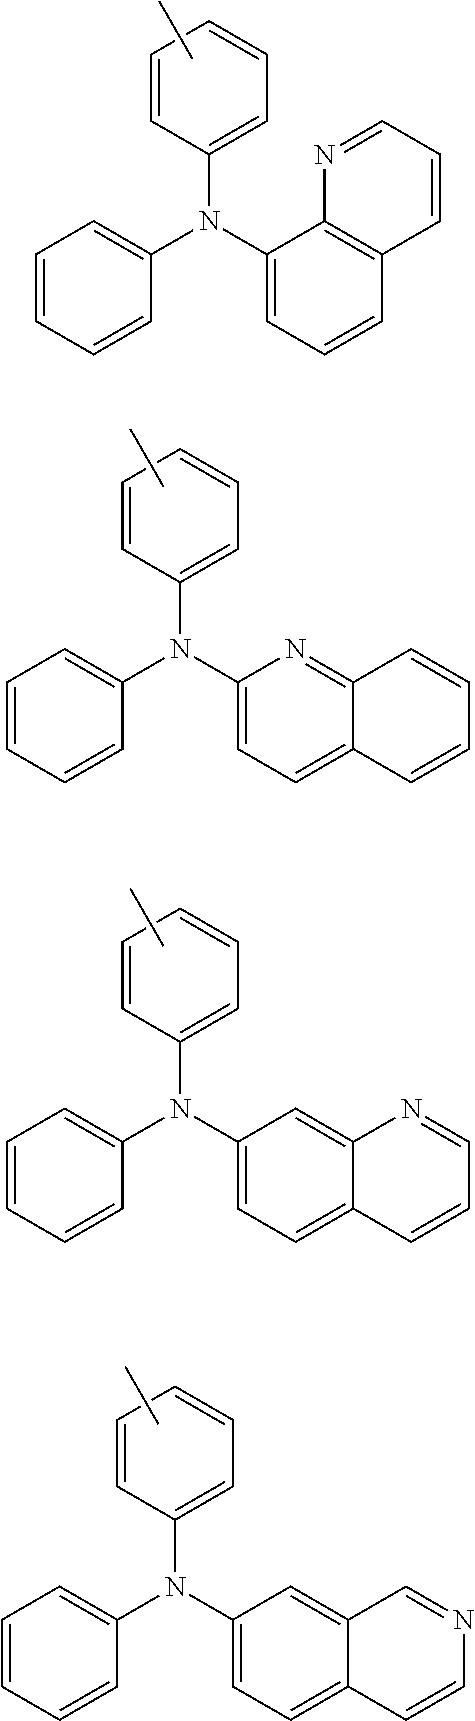 Figure US20150280139A1-20151001-C00014